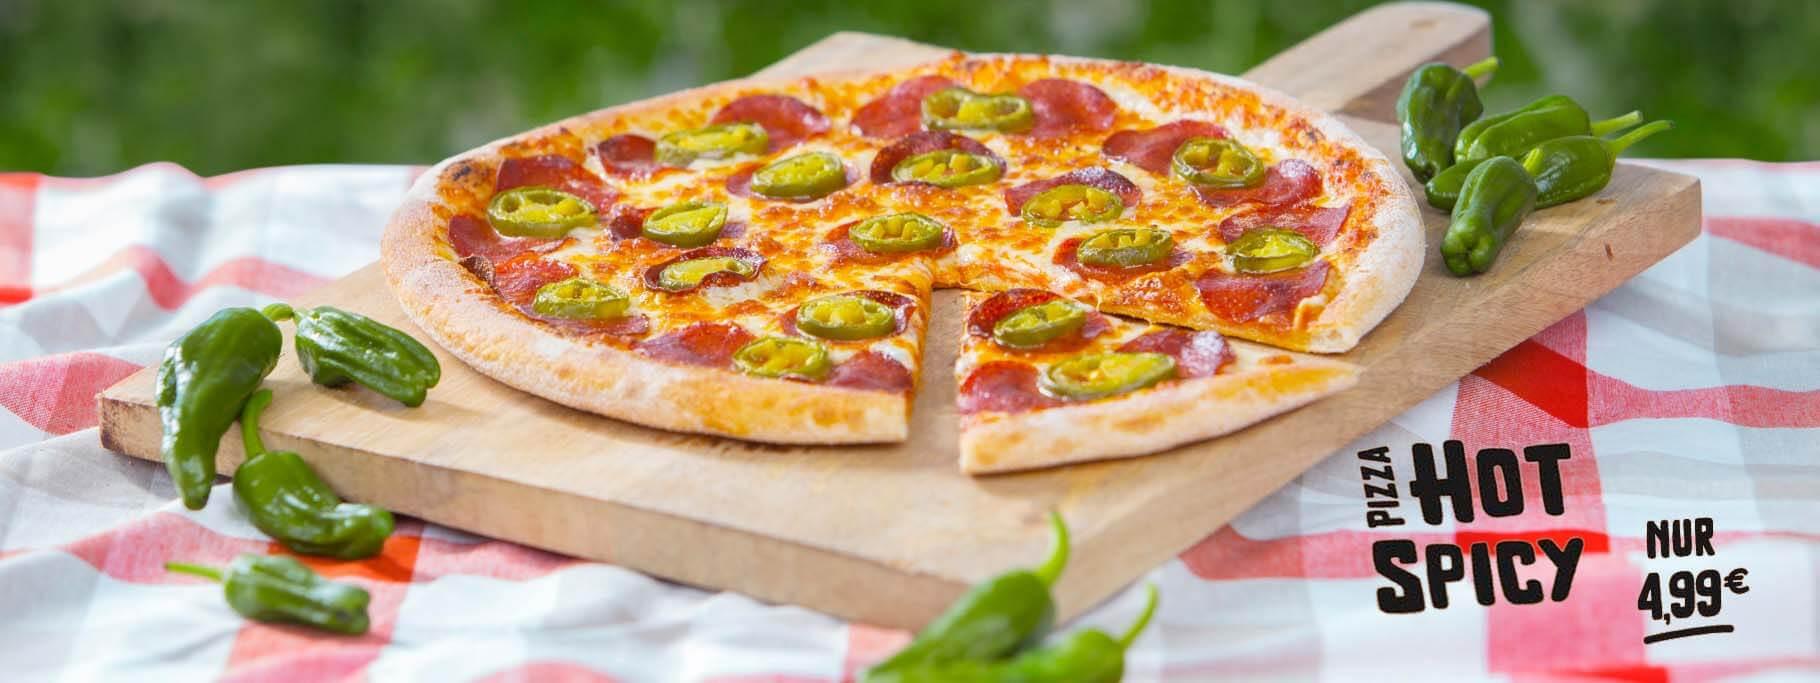 uno pizza online leckere pasta und pizza in leipzig bestellen. Black Bedroom Furniture Sets. Home Design Ideas